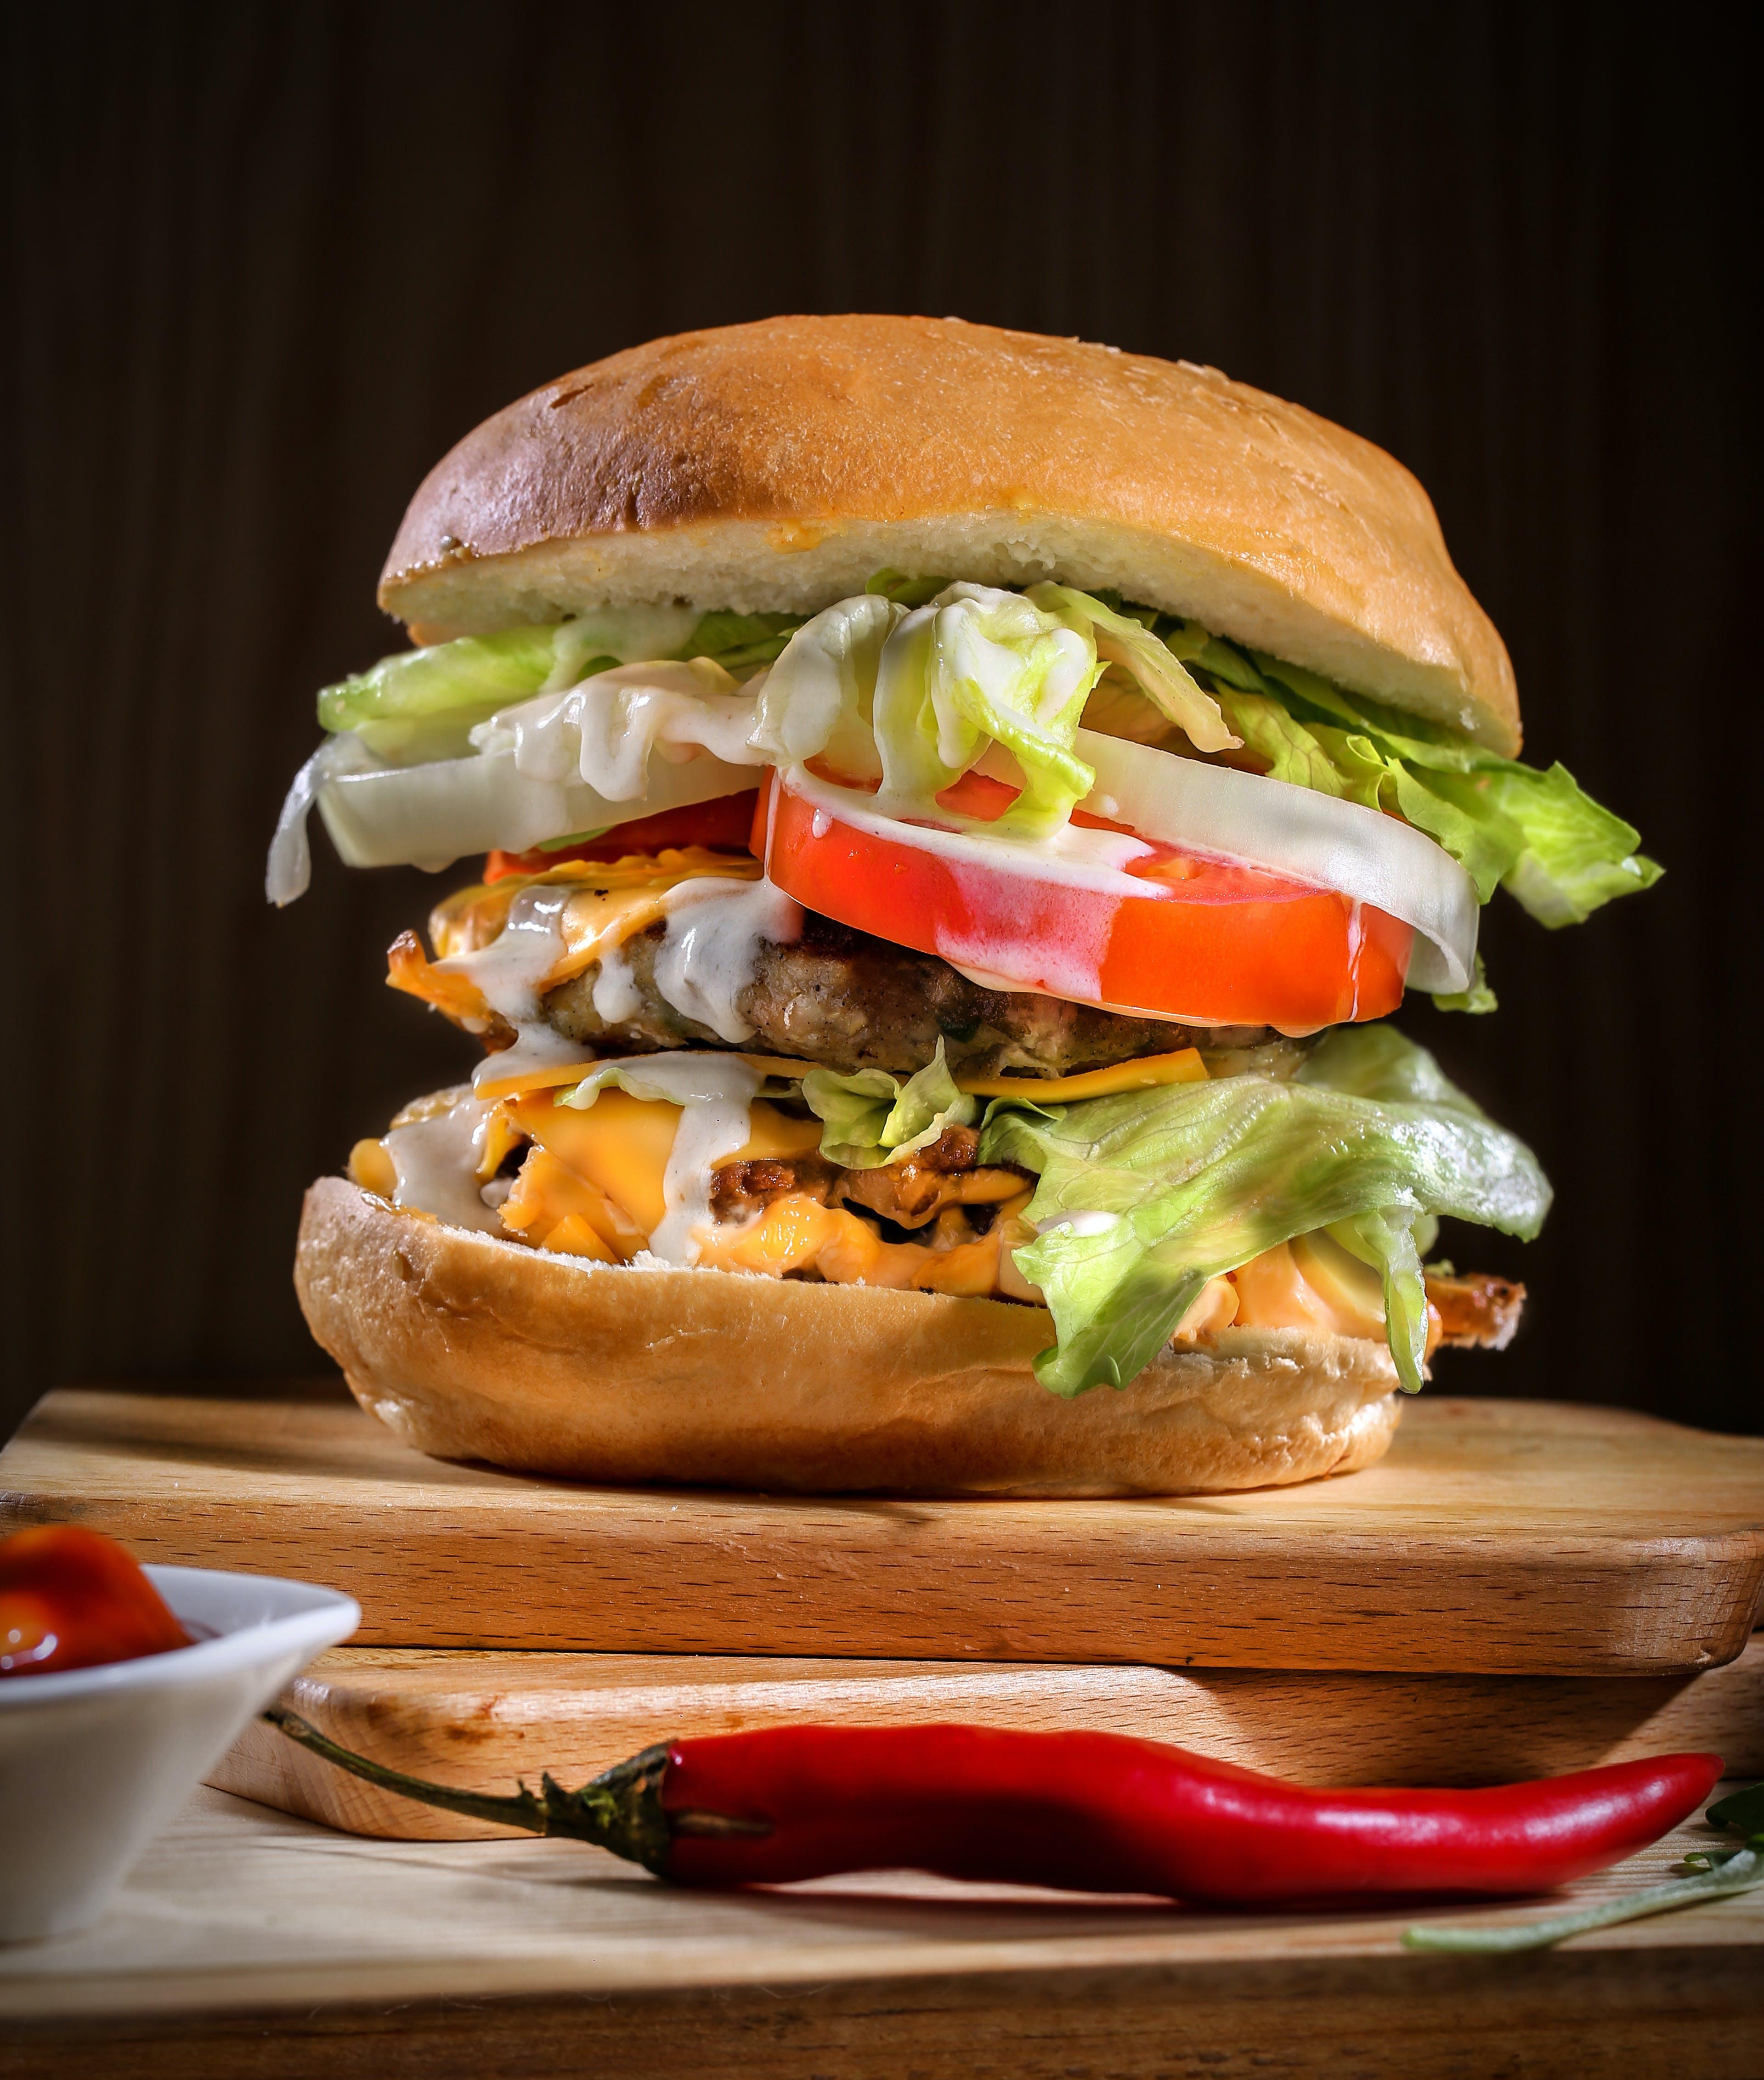 Close-Up Photo of a Cheese Burger